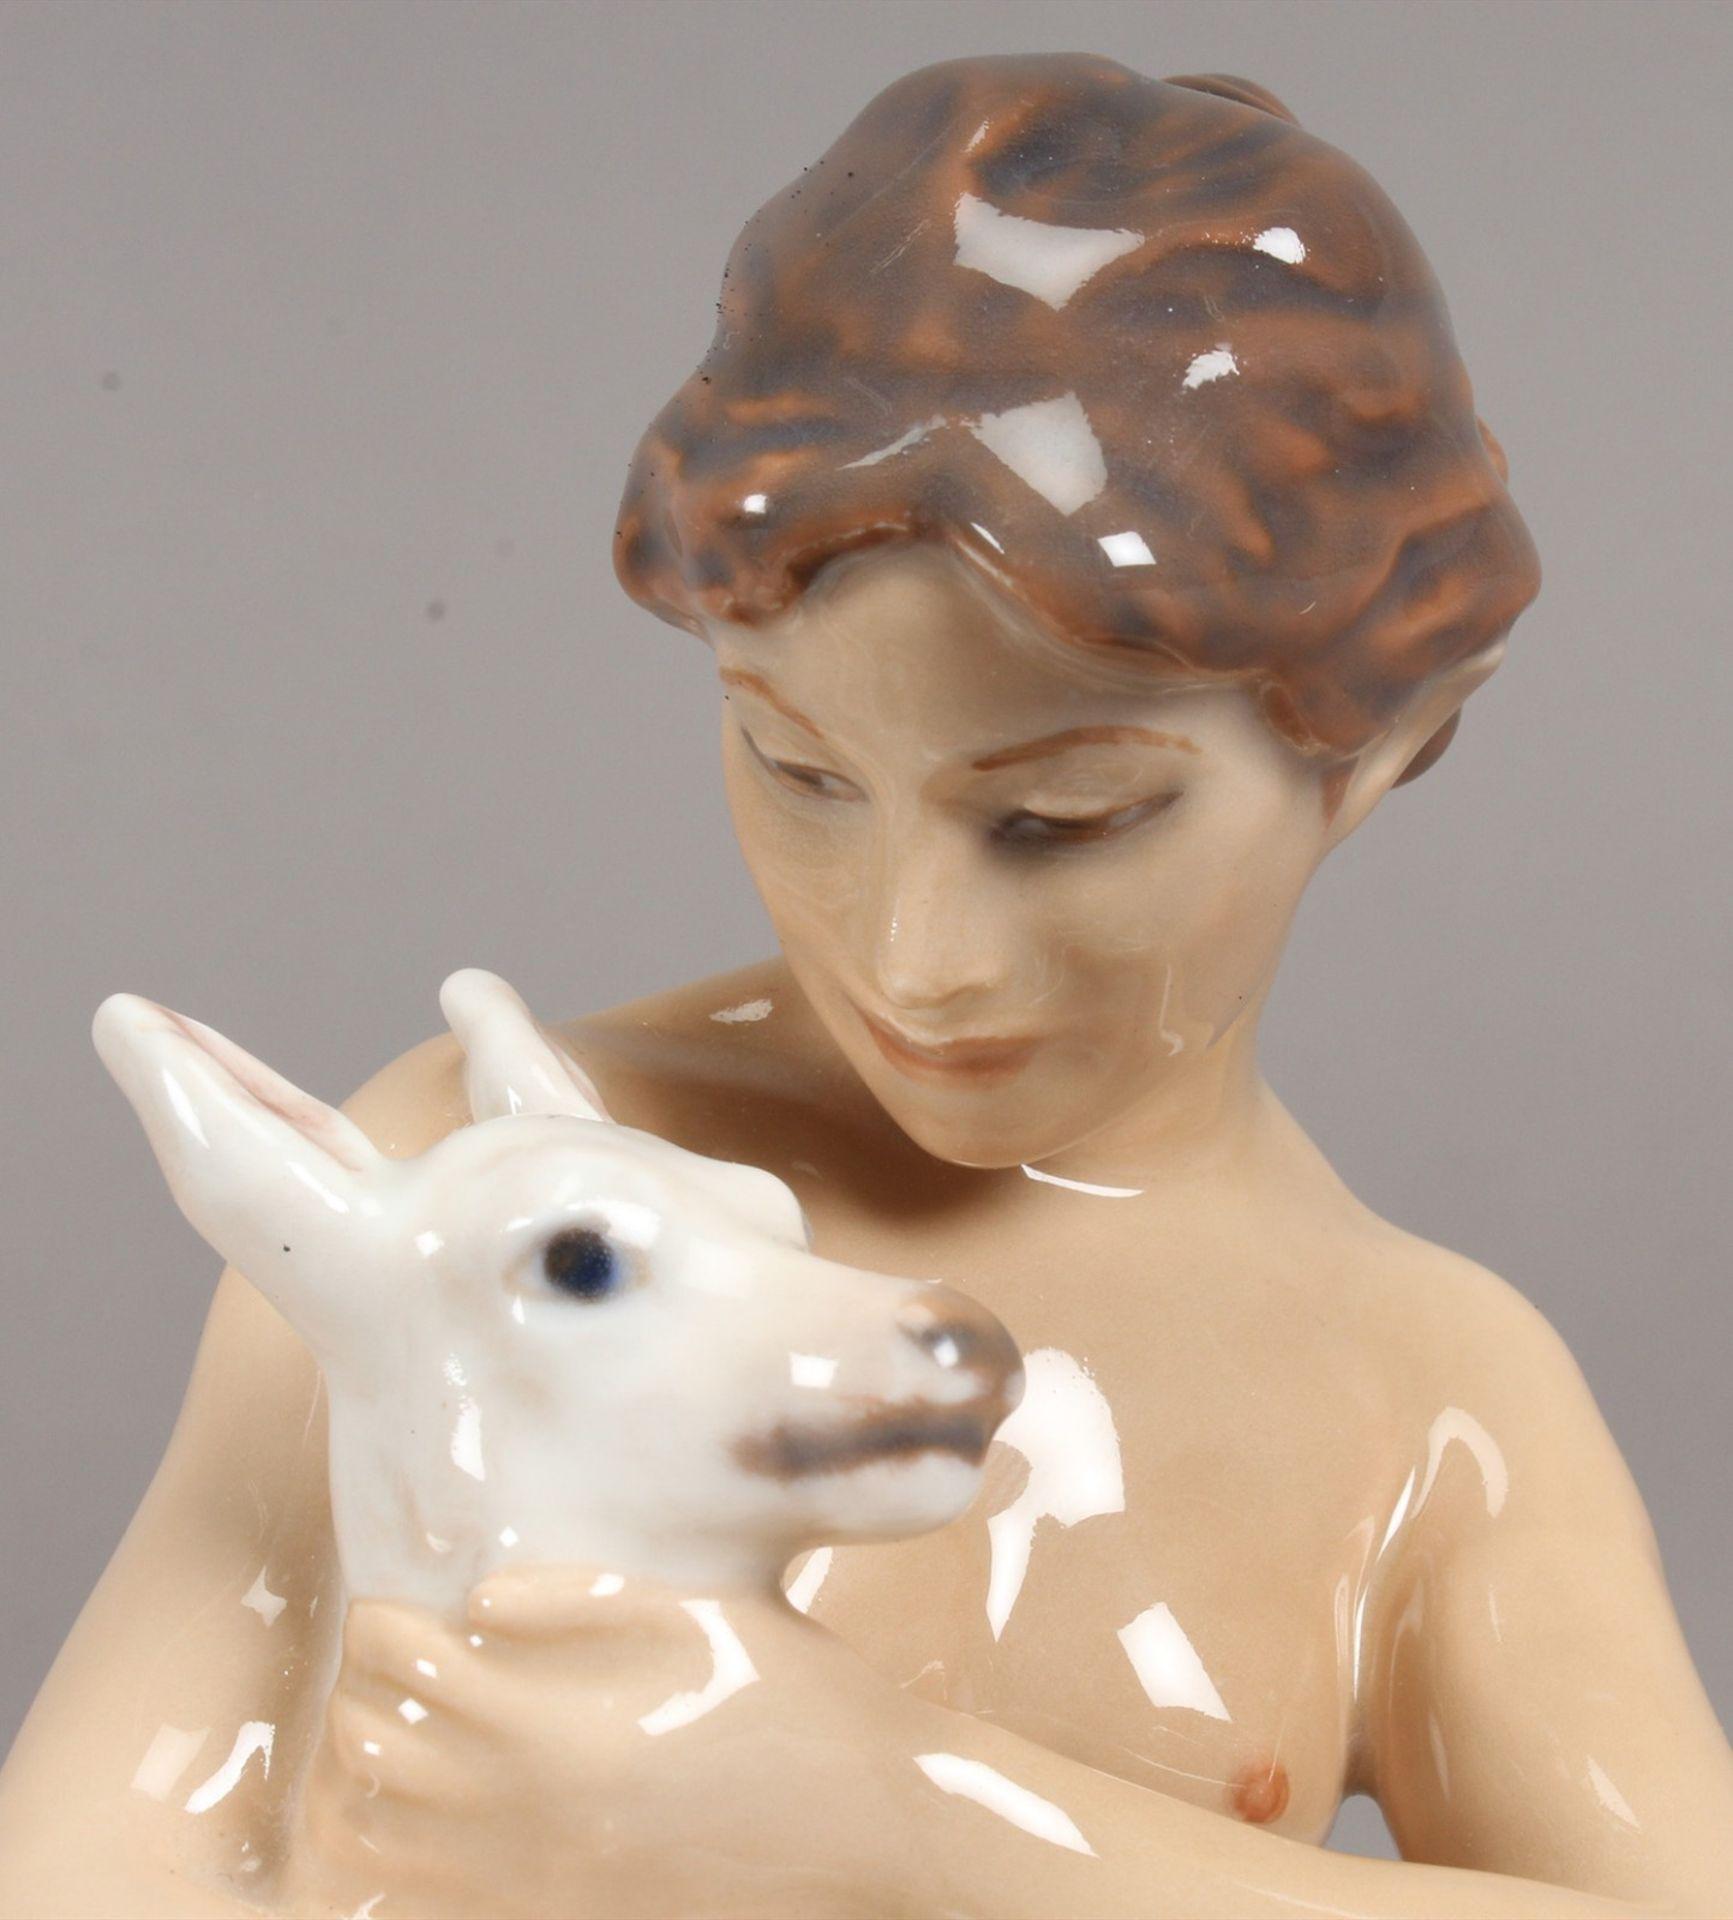 Dahl Jensen, Copenhagen. Junges nacktes Mädchen mit Ziegenkitz. Modell nr. 1276, I.W. H. 18 cm. - Bild 3 aus 4